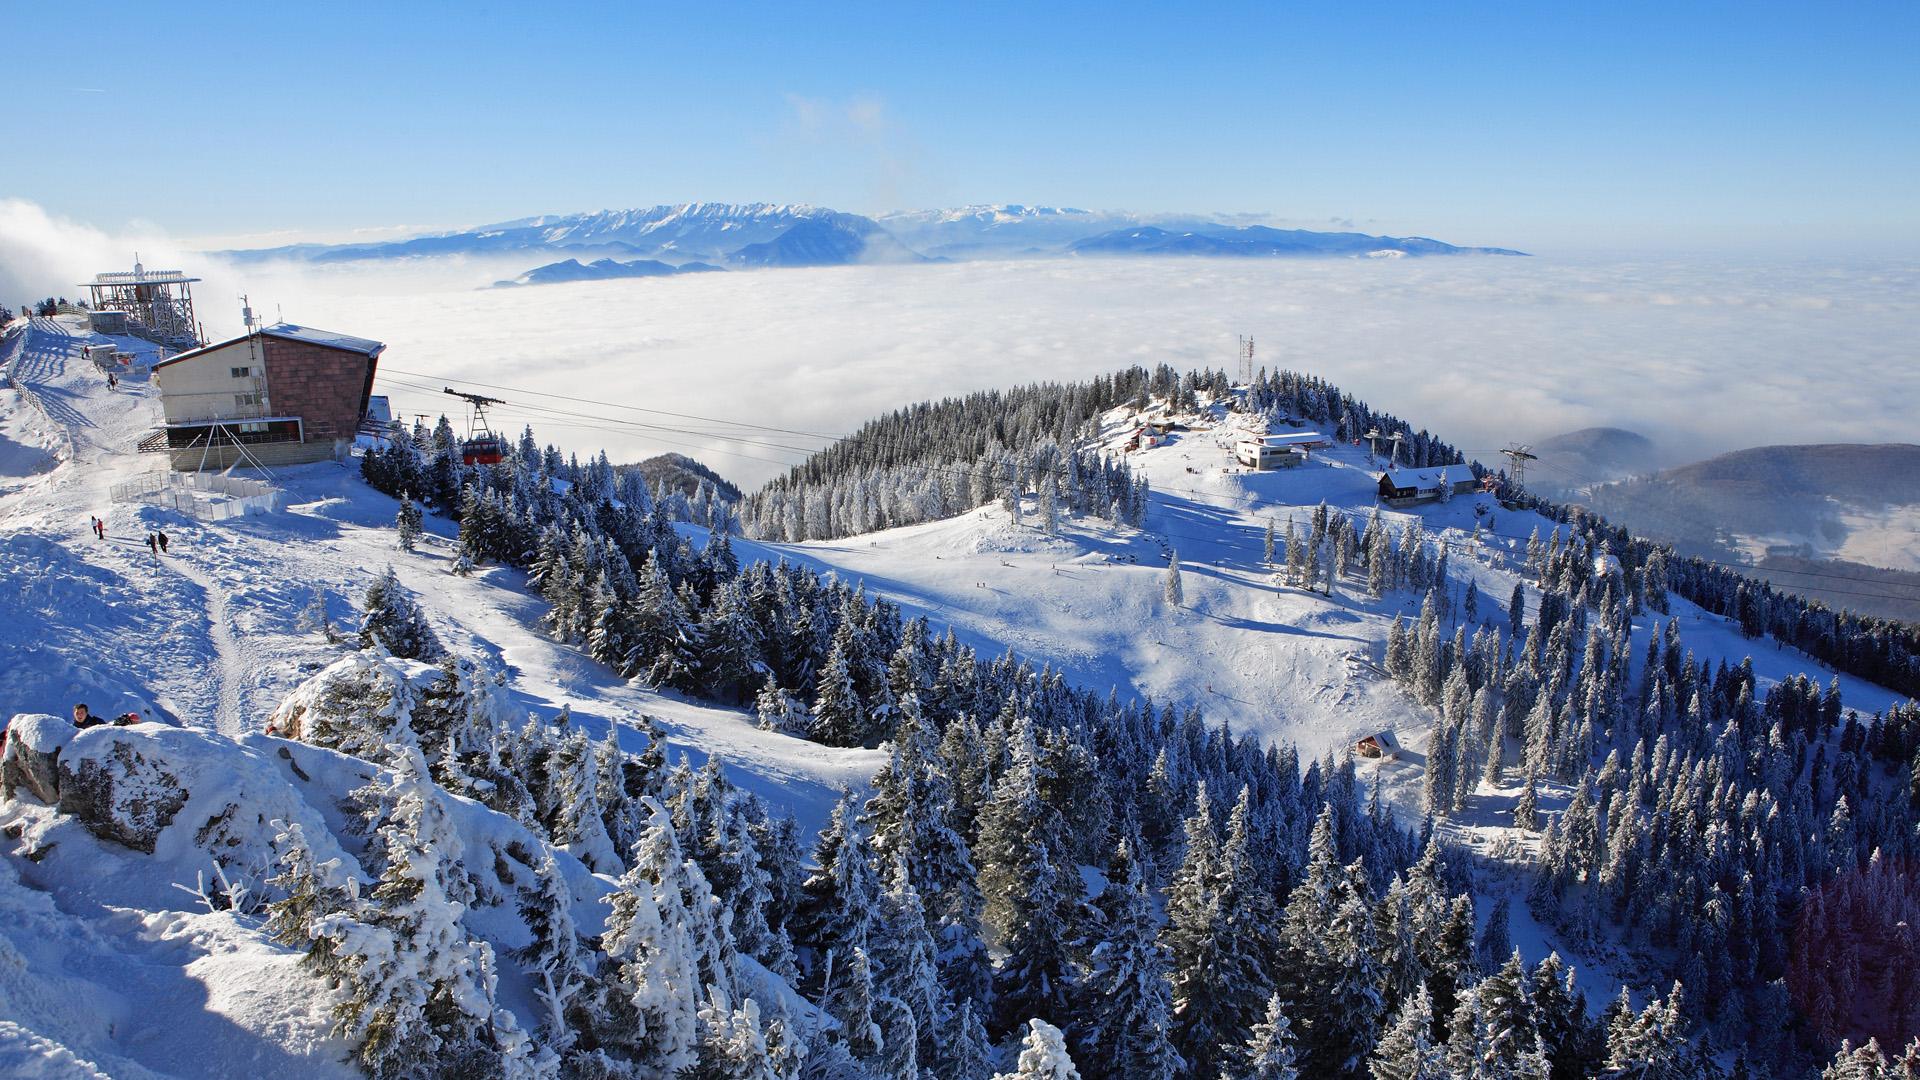 1080p Snow Scenes Vol 1   Free    FlashRolls  HD Wallpaper